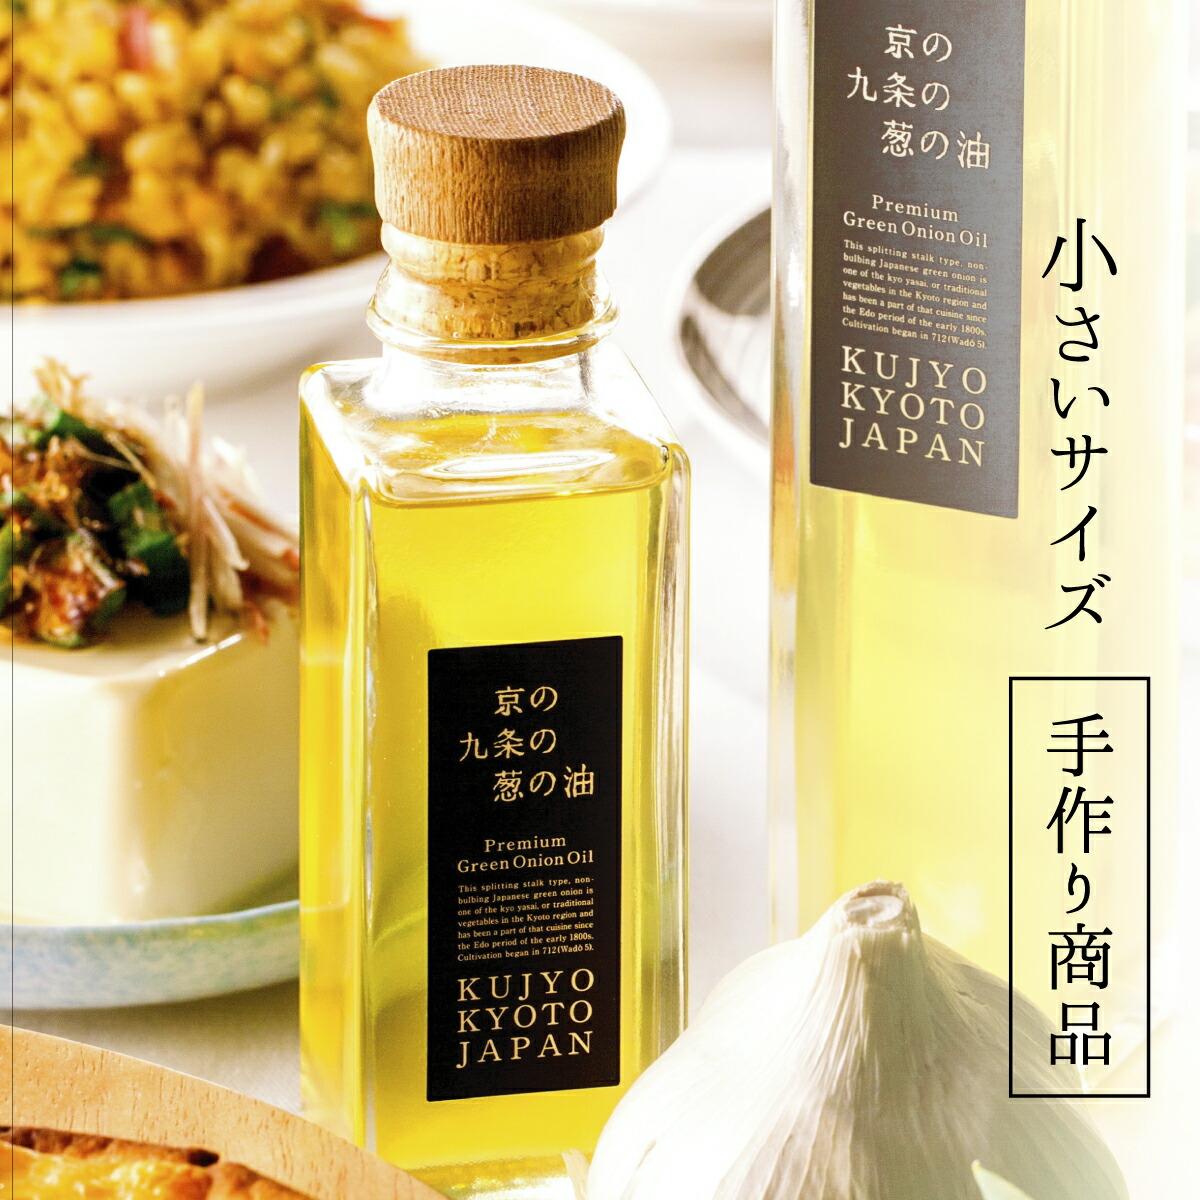 京の九条の葱の油(小)